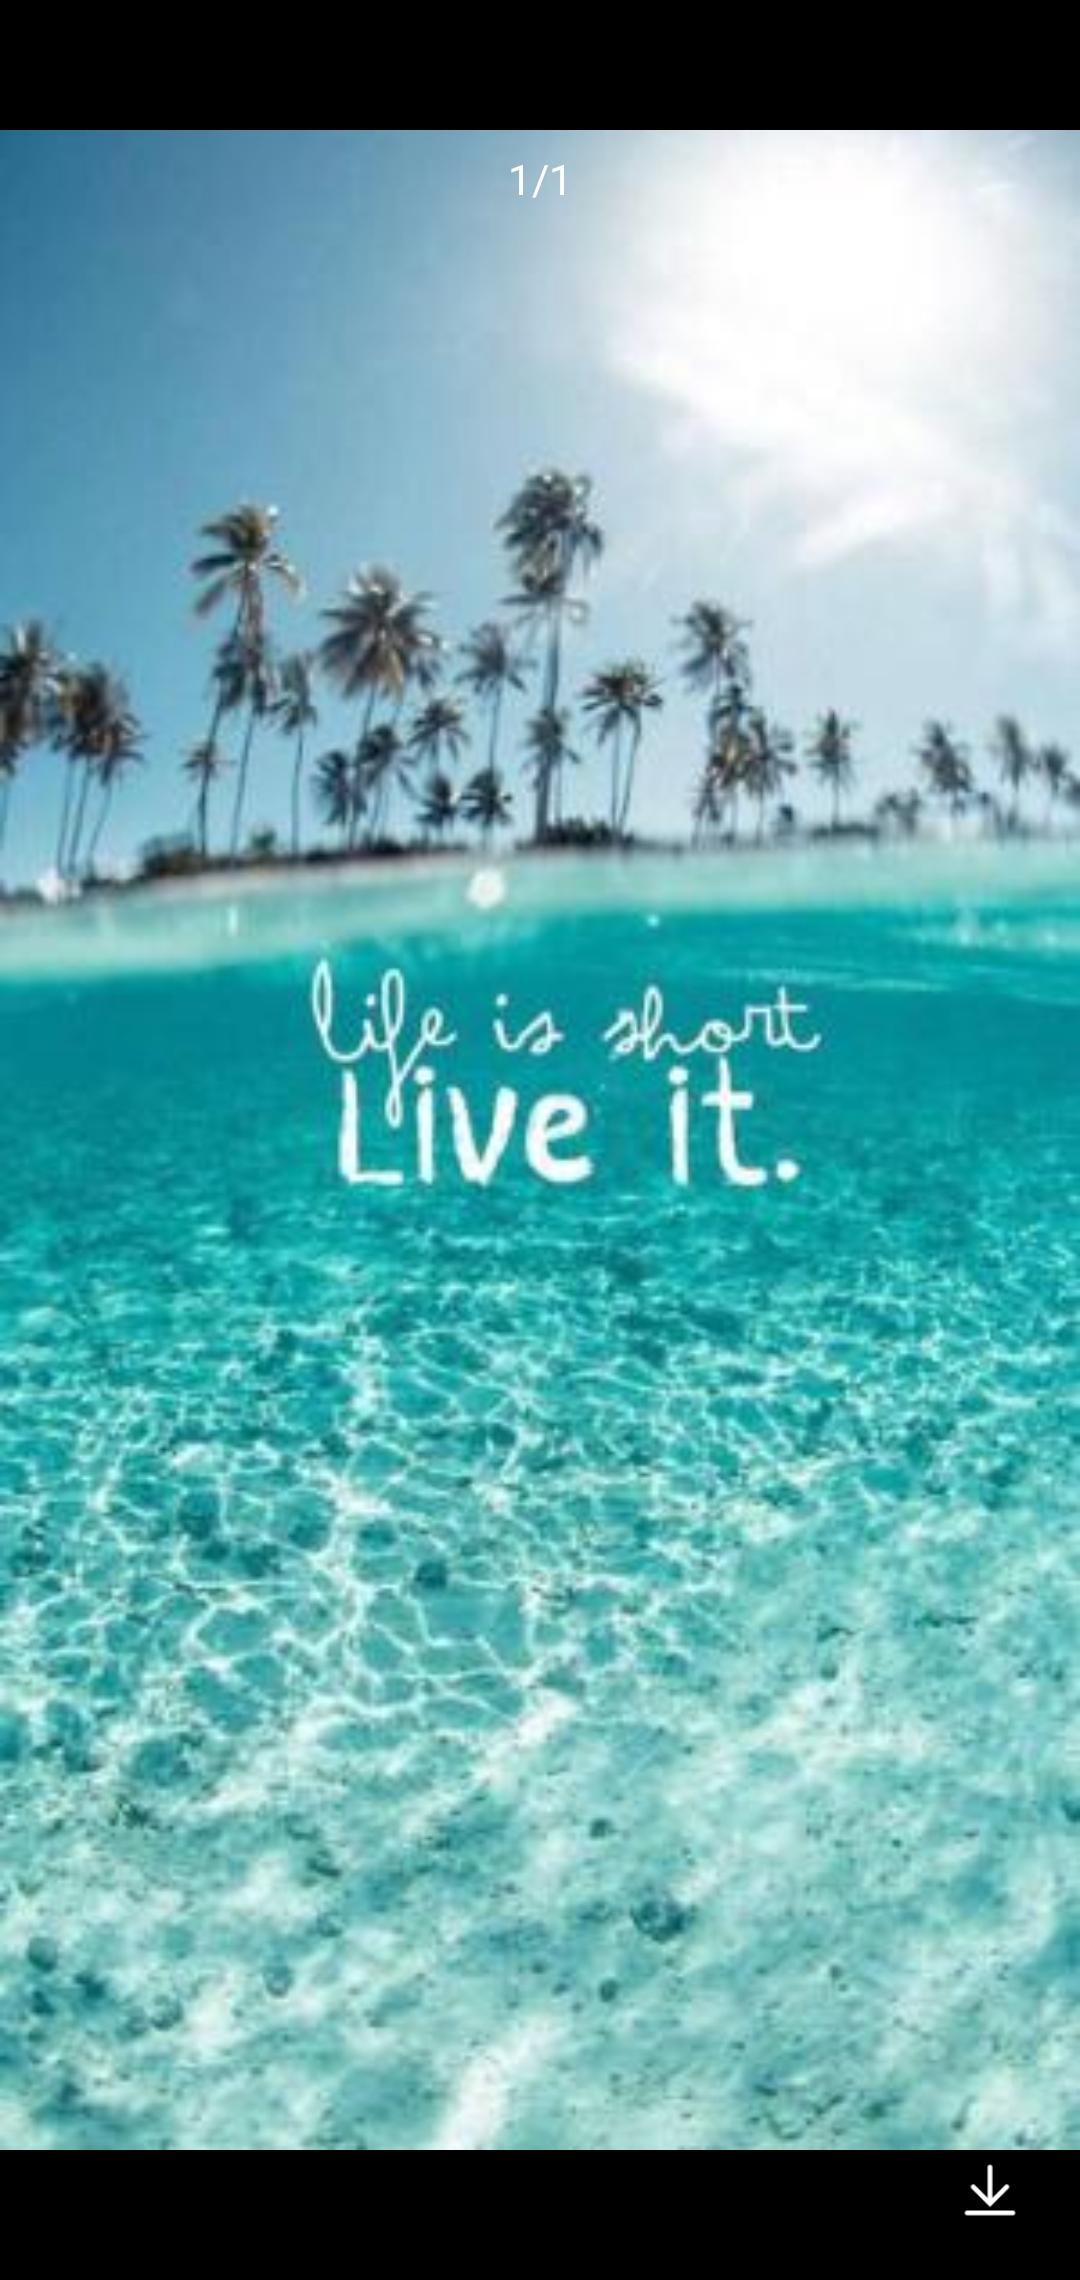 优乐美生活